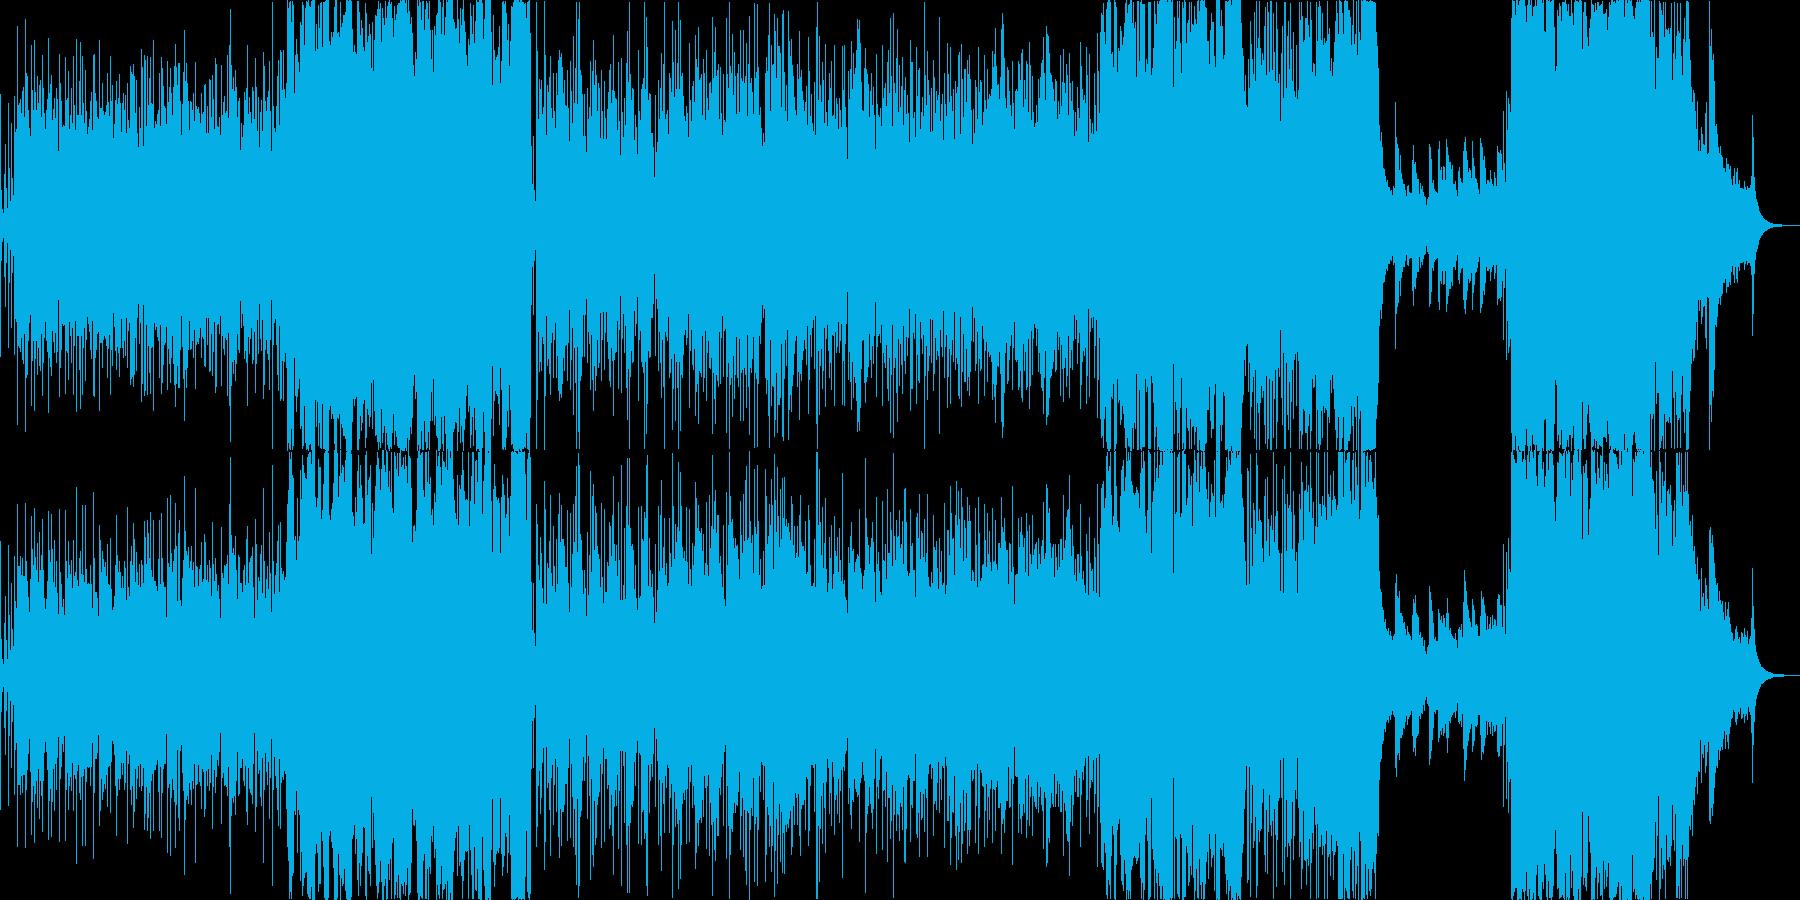 レトロな雰囲気のストリングス曲の再生済みの波形